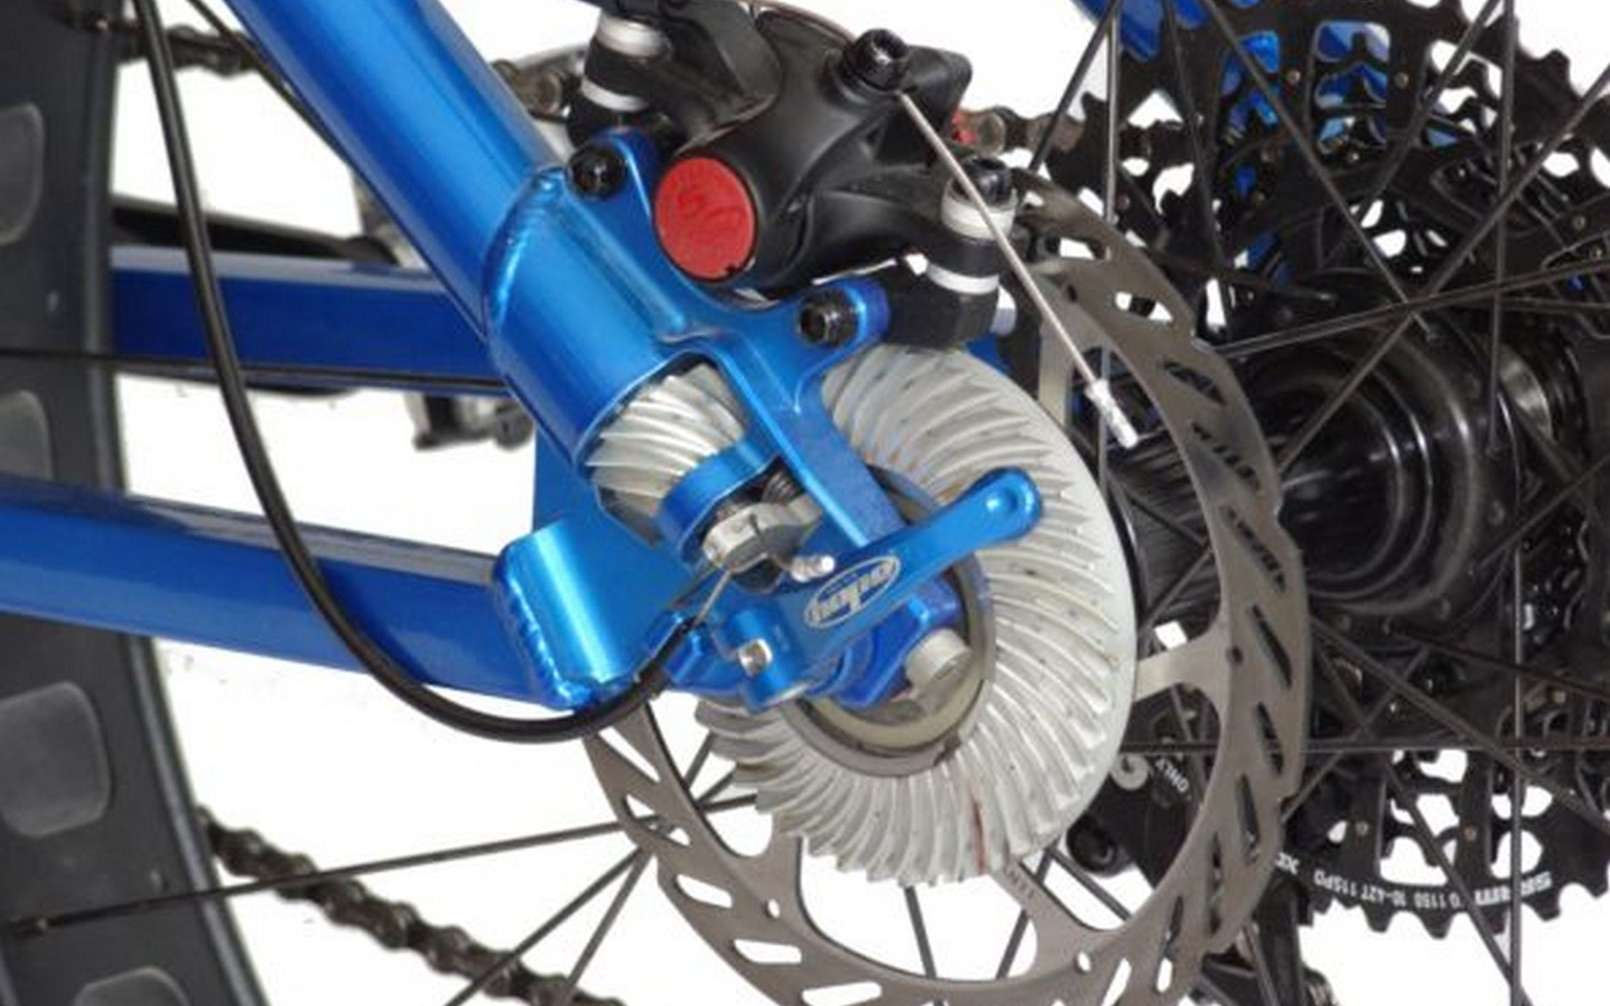 Des VTT électriques deux roues motrices dotés d'une étonnante transmission intégrale